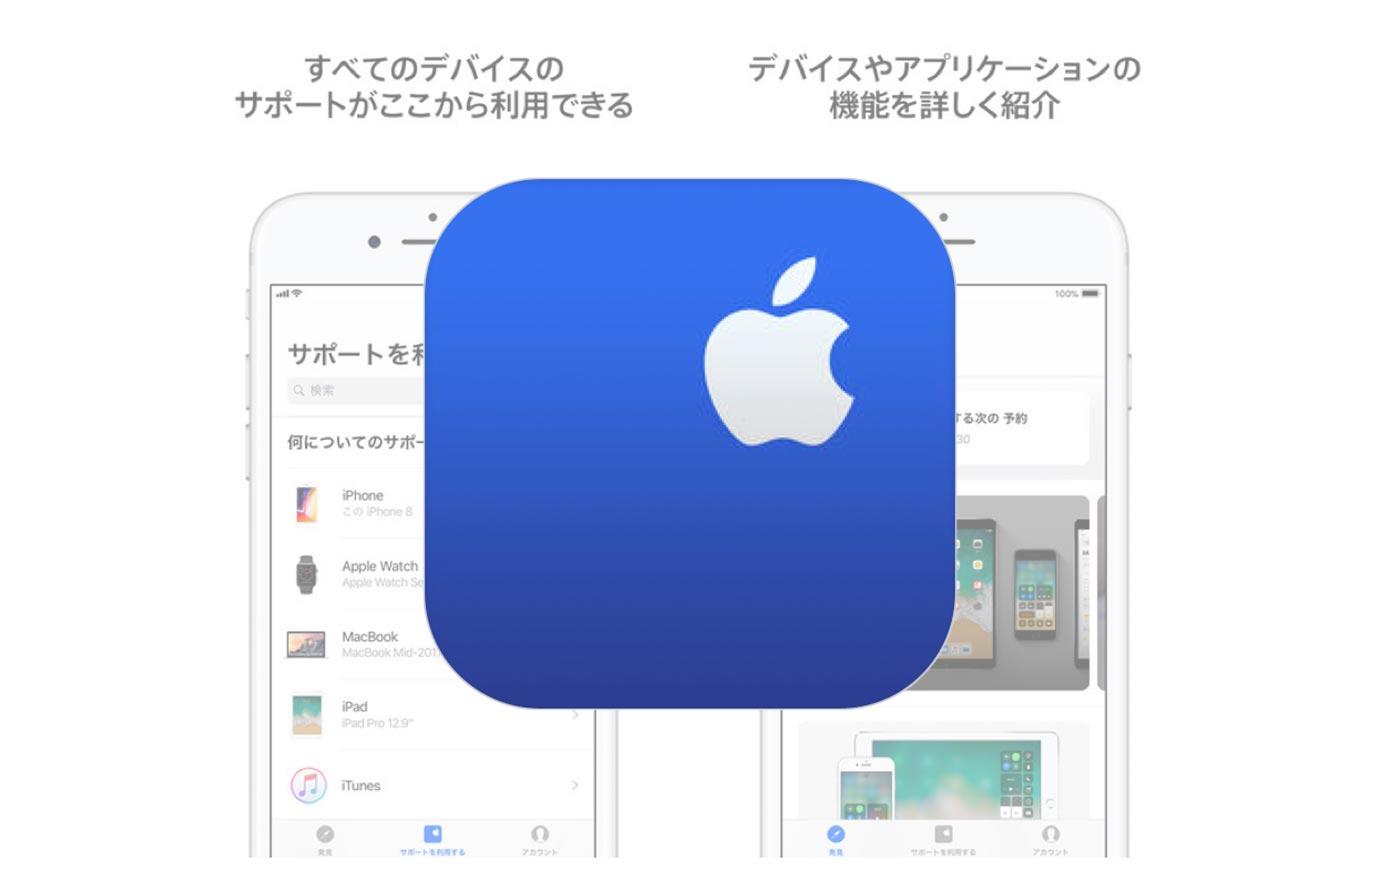 Apple、iOSアプリ「Apple サポート 1.2.1」リリース ― パフォーマンスの改善と不具合の修正